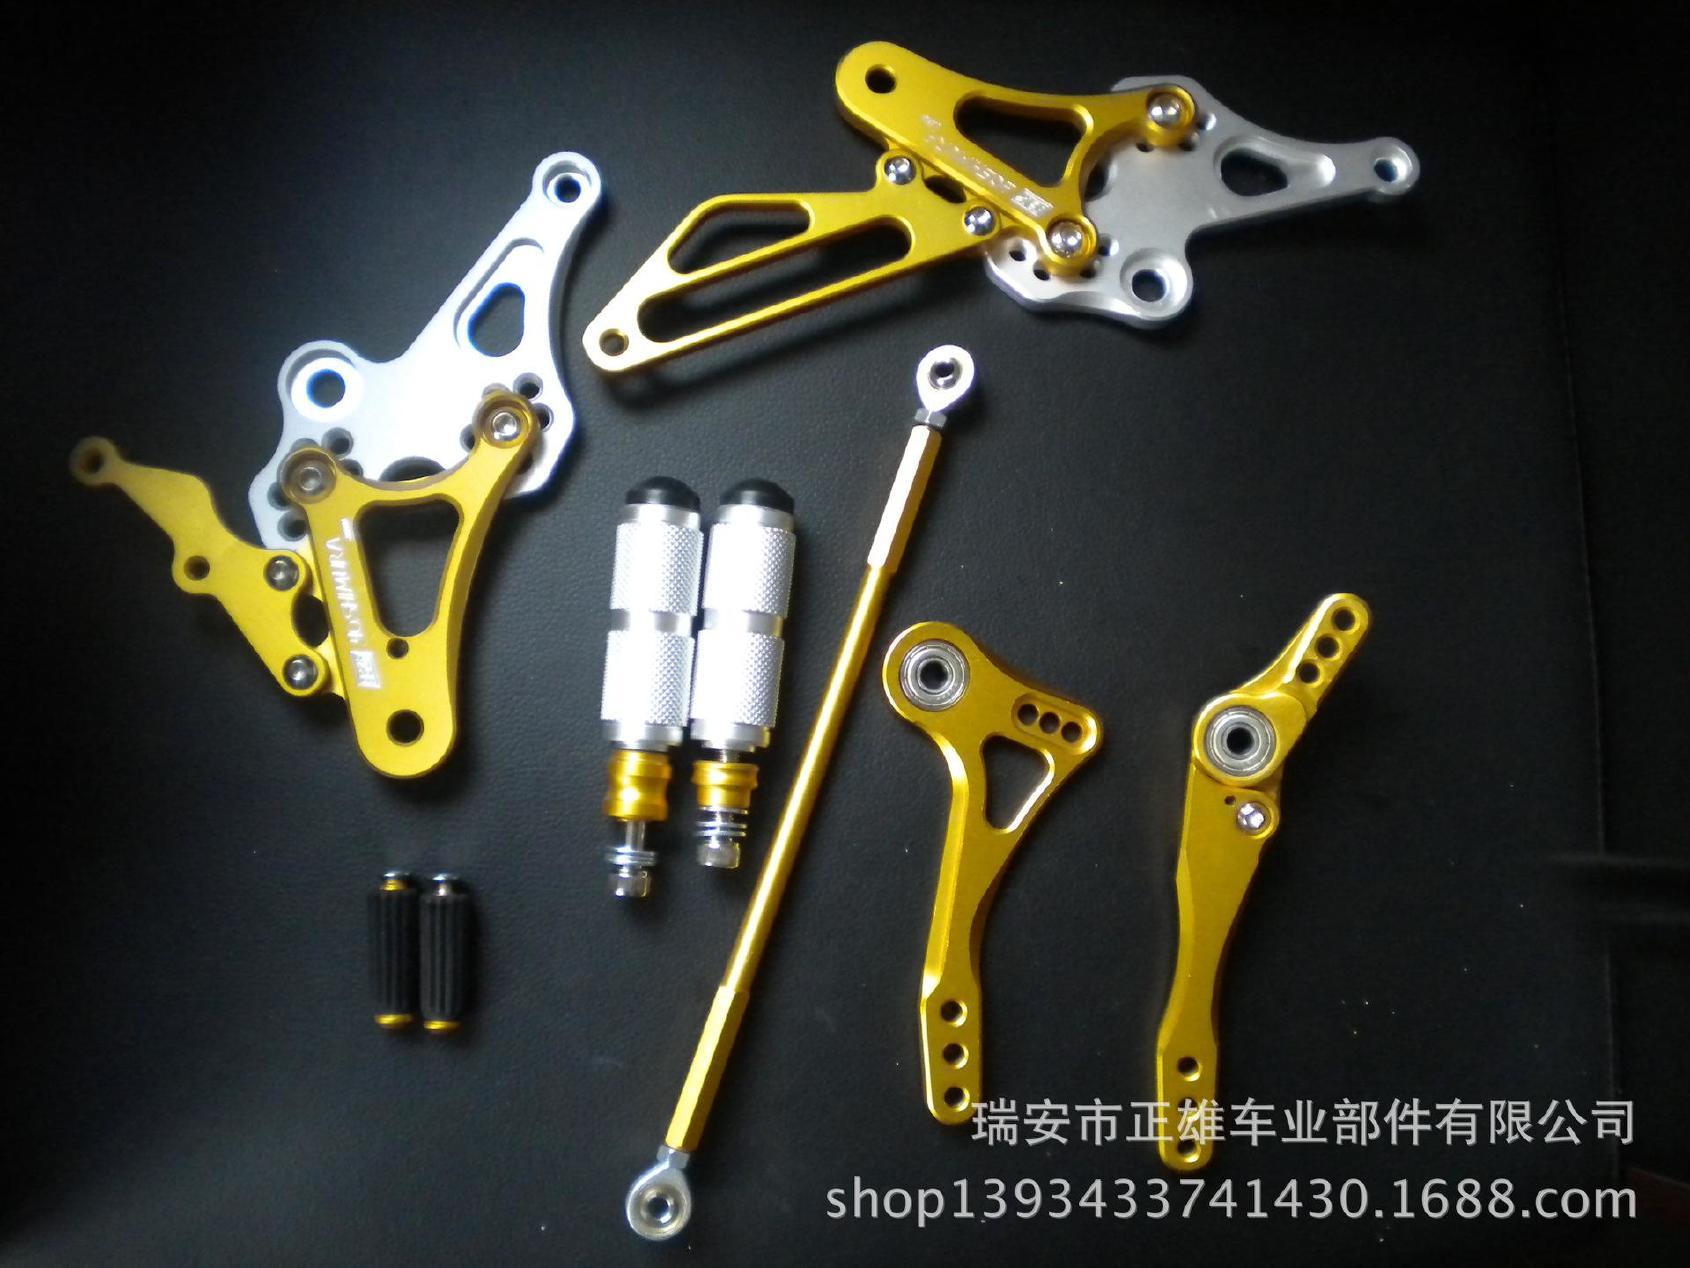 指针链条摩托结构调节器摩托车改装件装饰件12v车改电压表图片